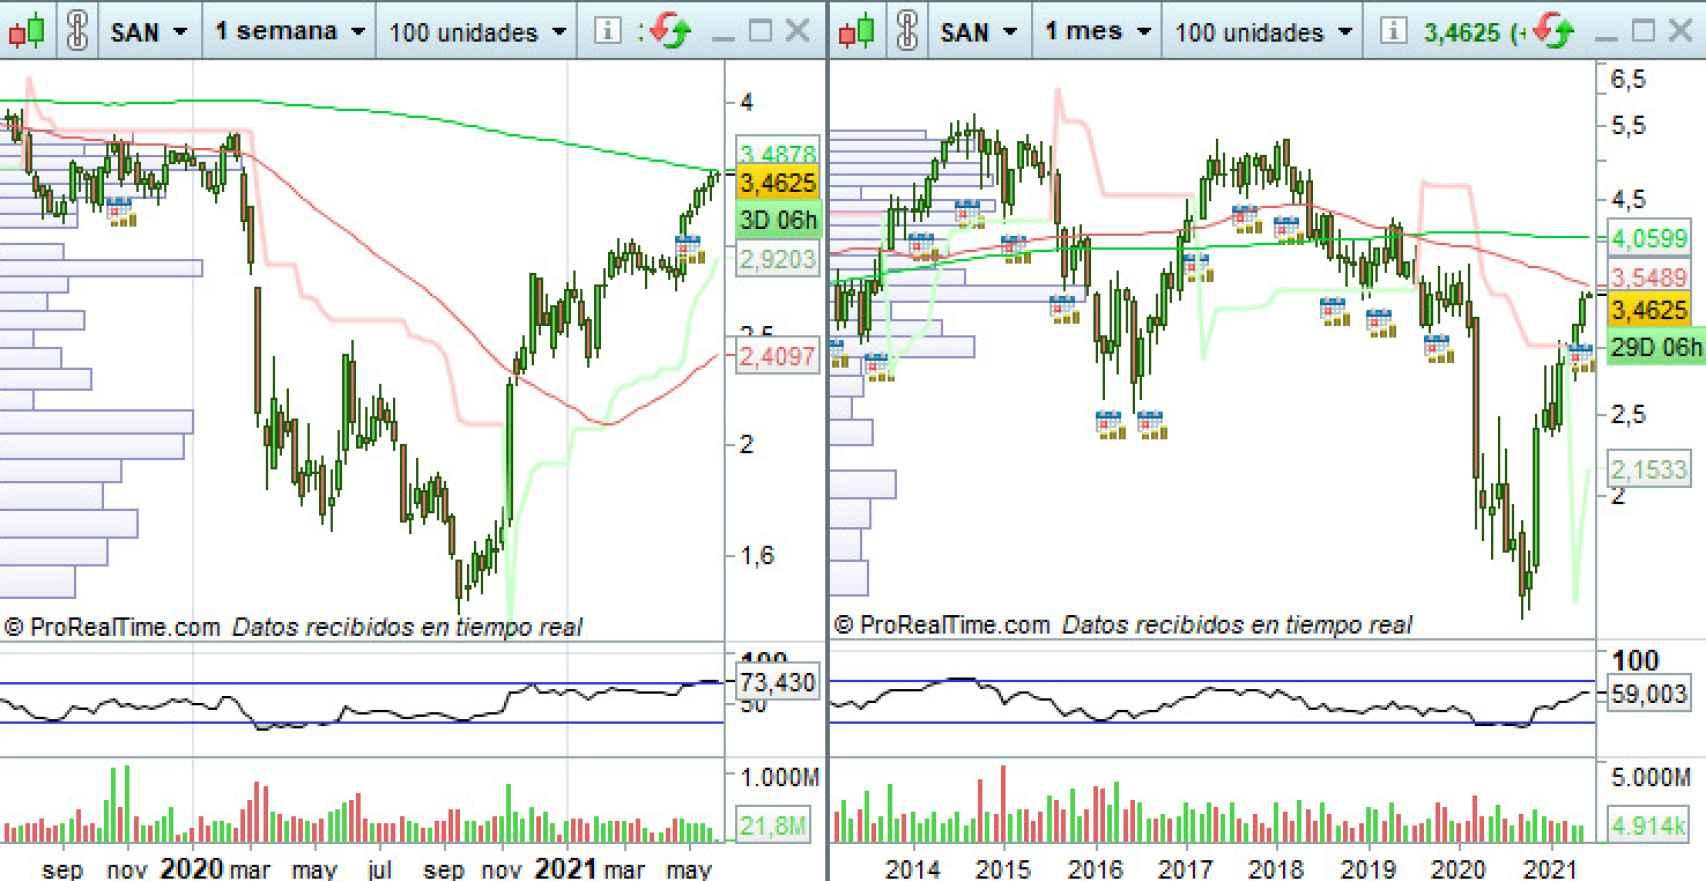 Evolución del precio de las acciones del Banco Santander